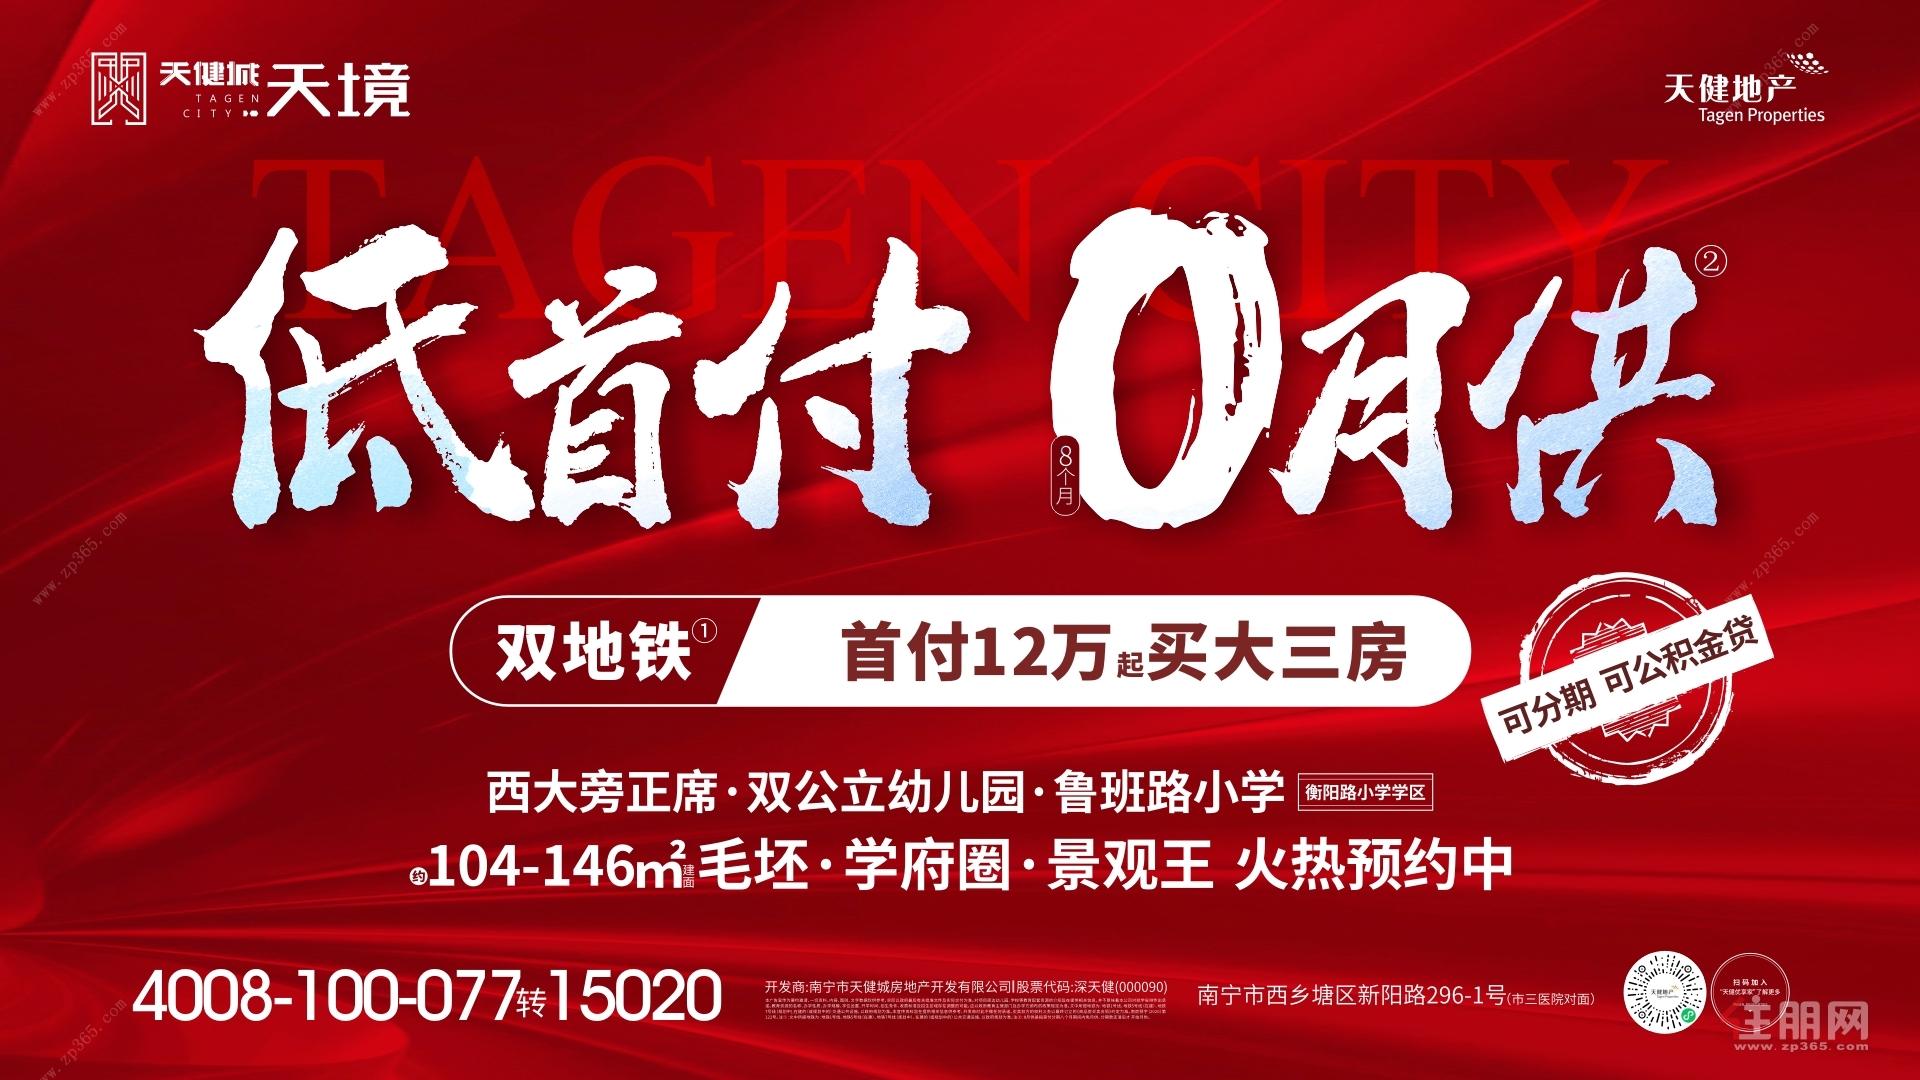 2021年1月21日西鄉塘看房團:天健城·天境